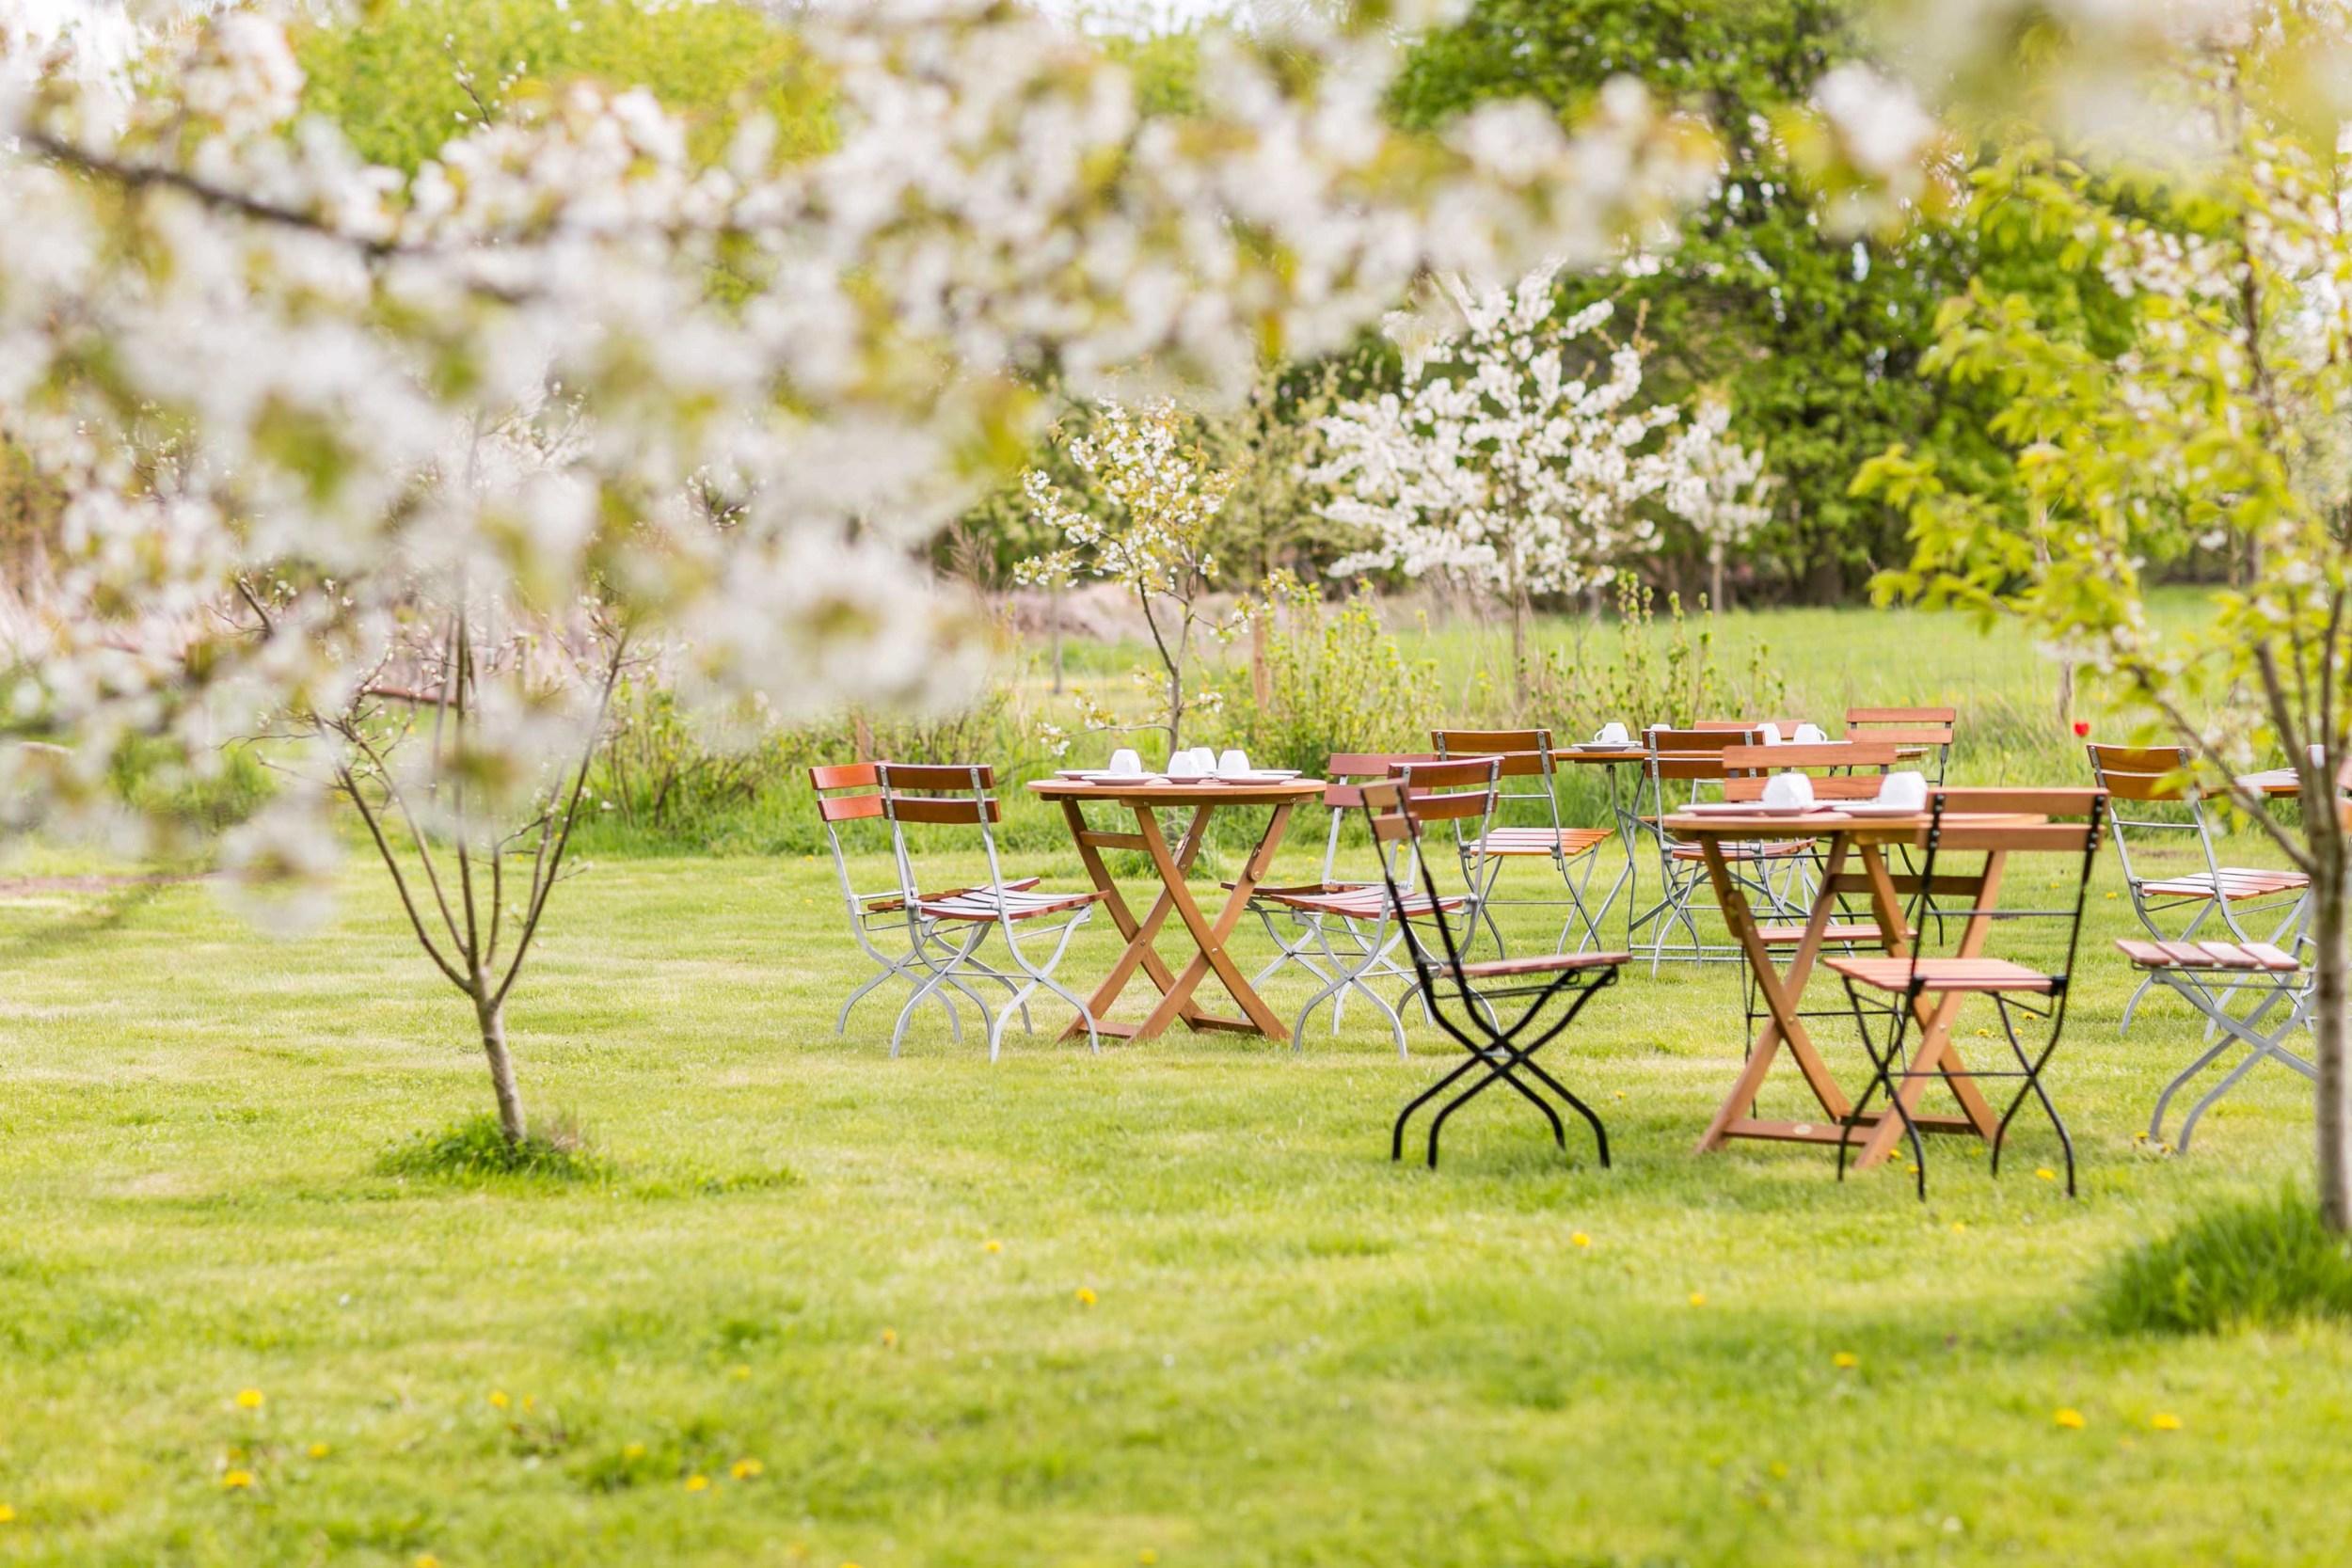 Berlin Hochzeitsfotografin Gartenglueck Wegendorf Hochzeitsreportage-27.jpg